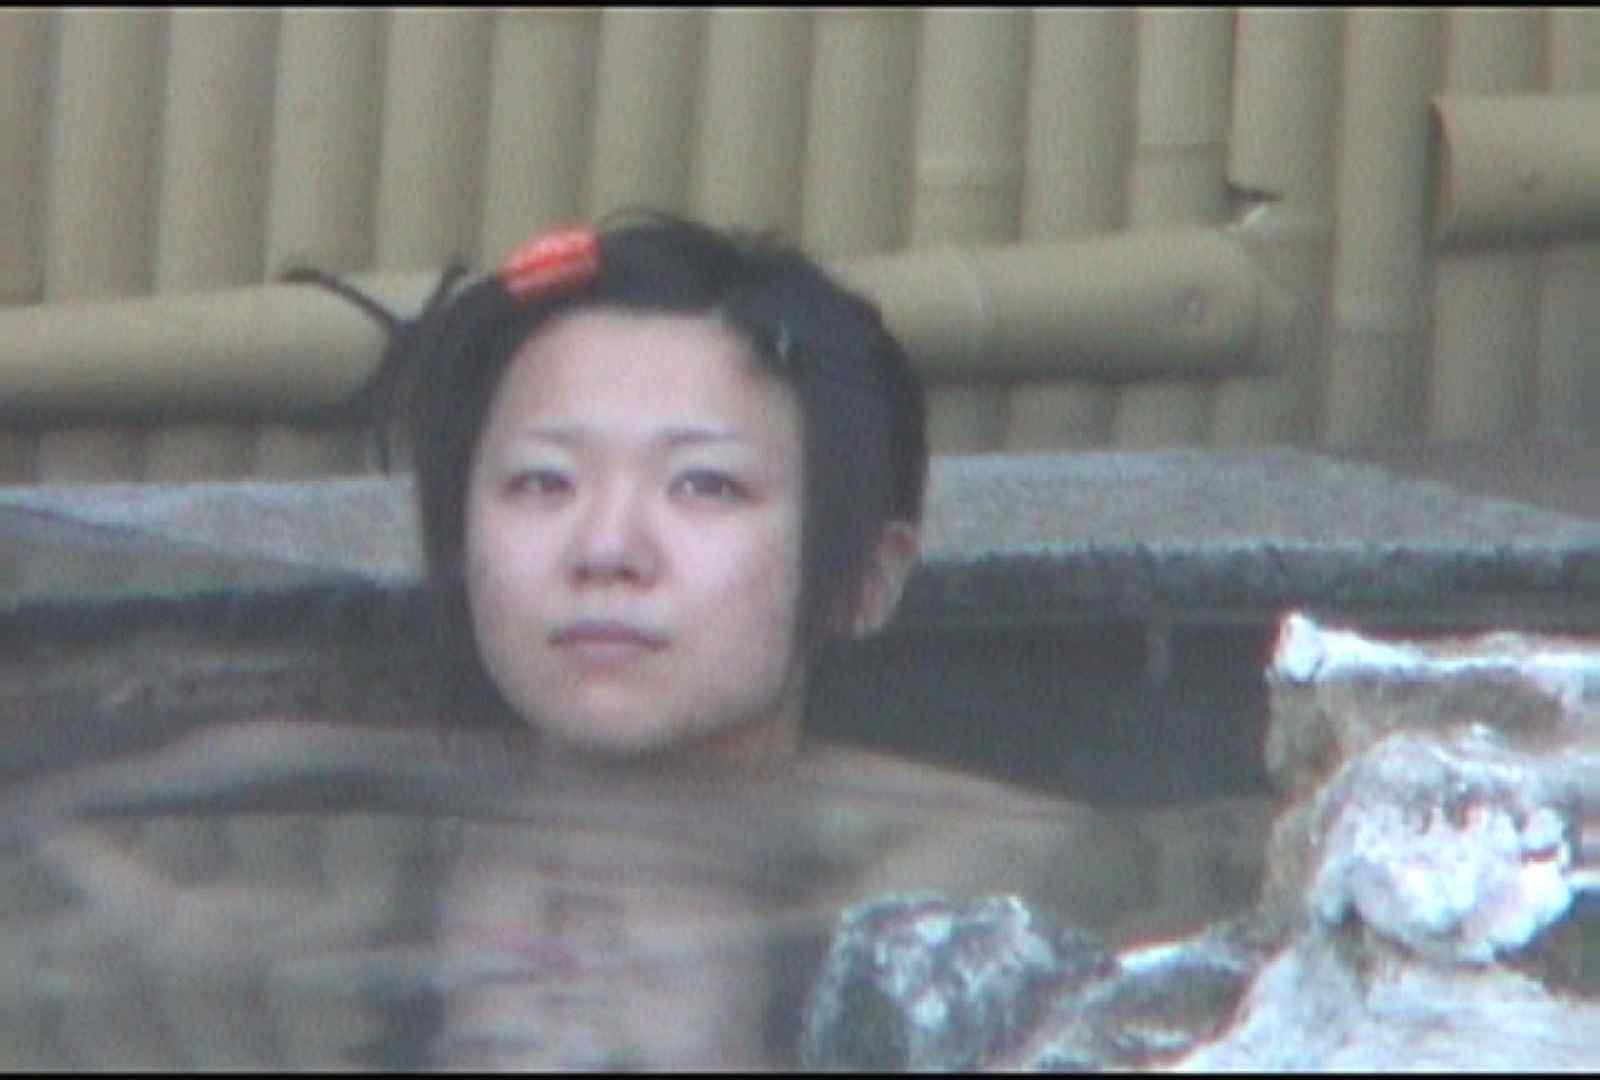 Aquaな露天風呂Vol.175 OLセックス 盗み撮りAV無料動画キャプチャ 77画像 35